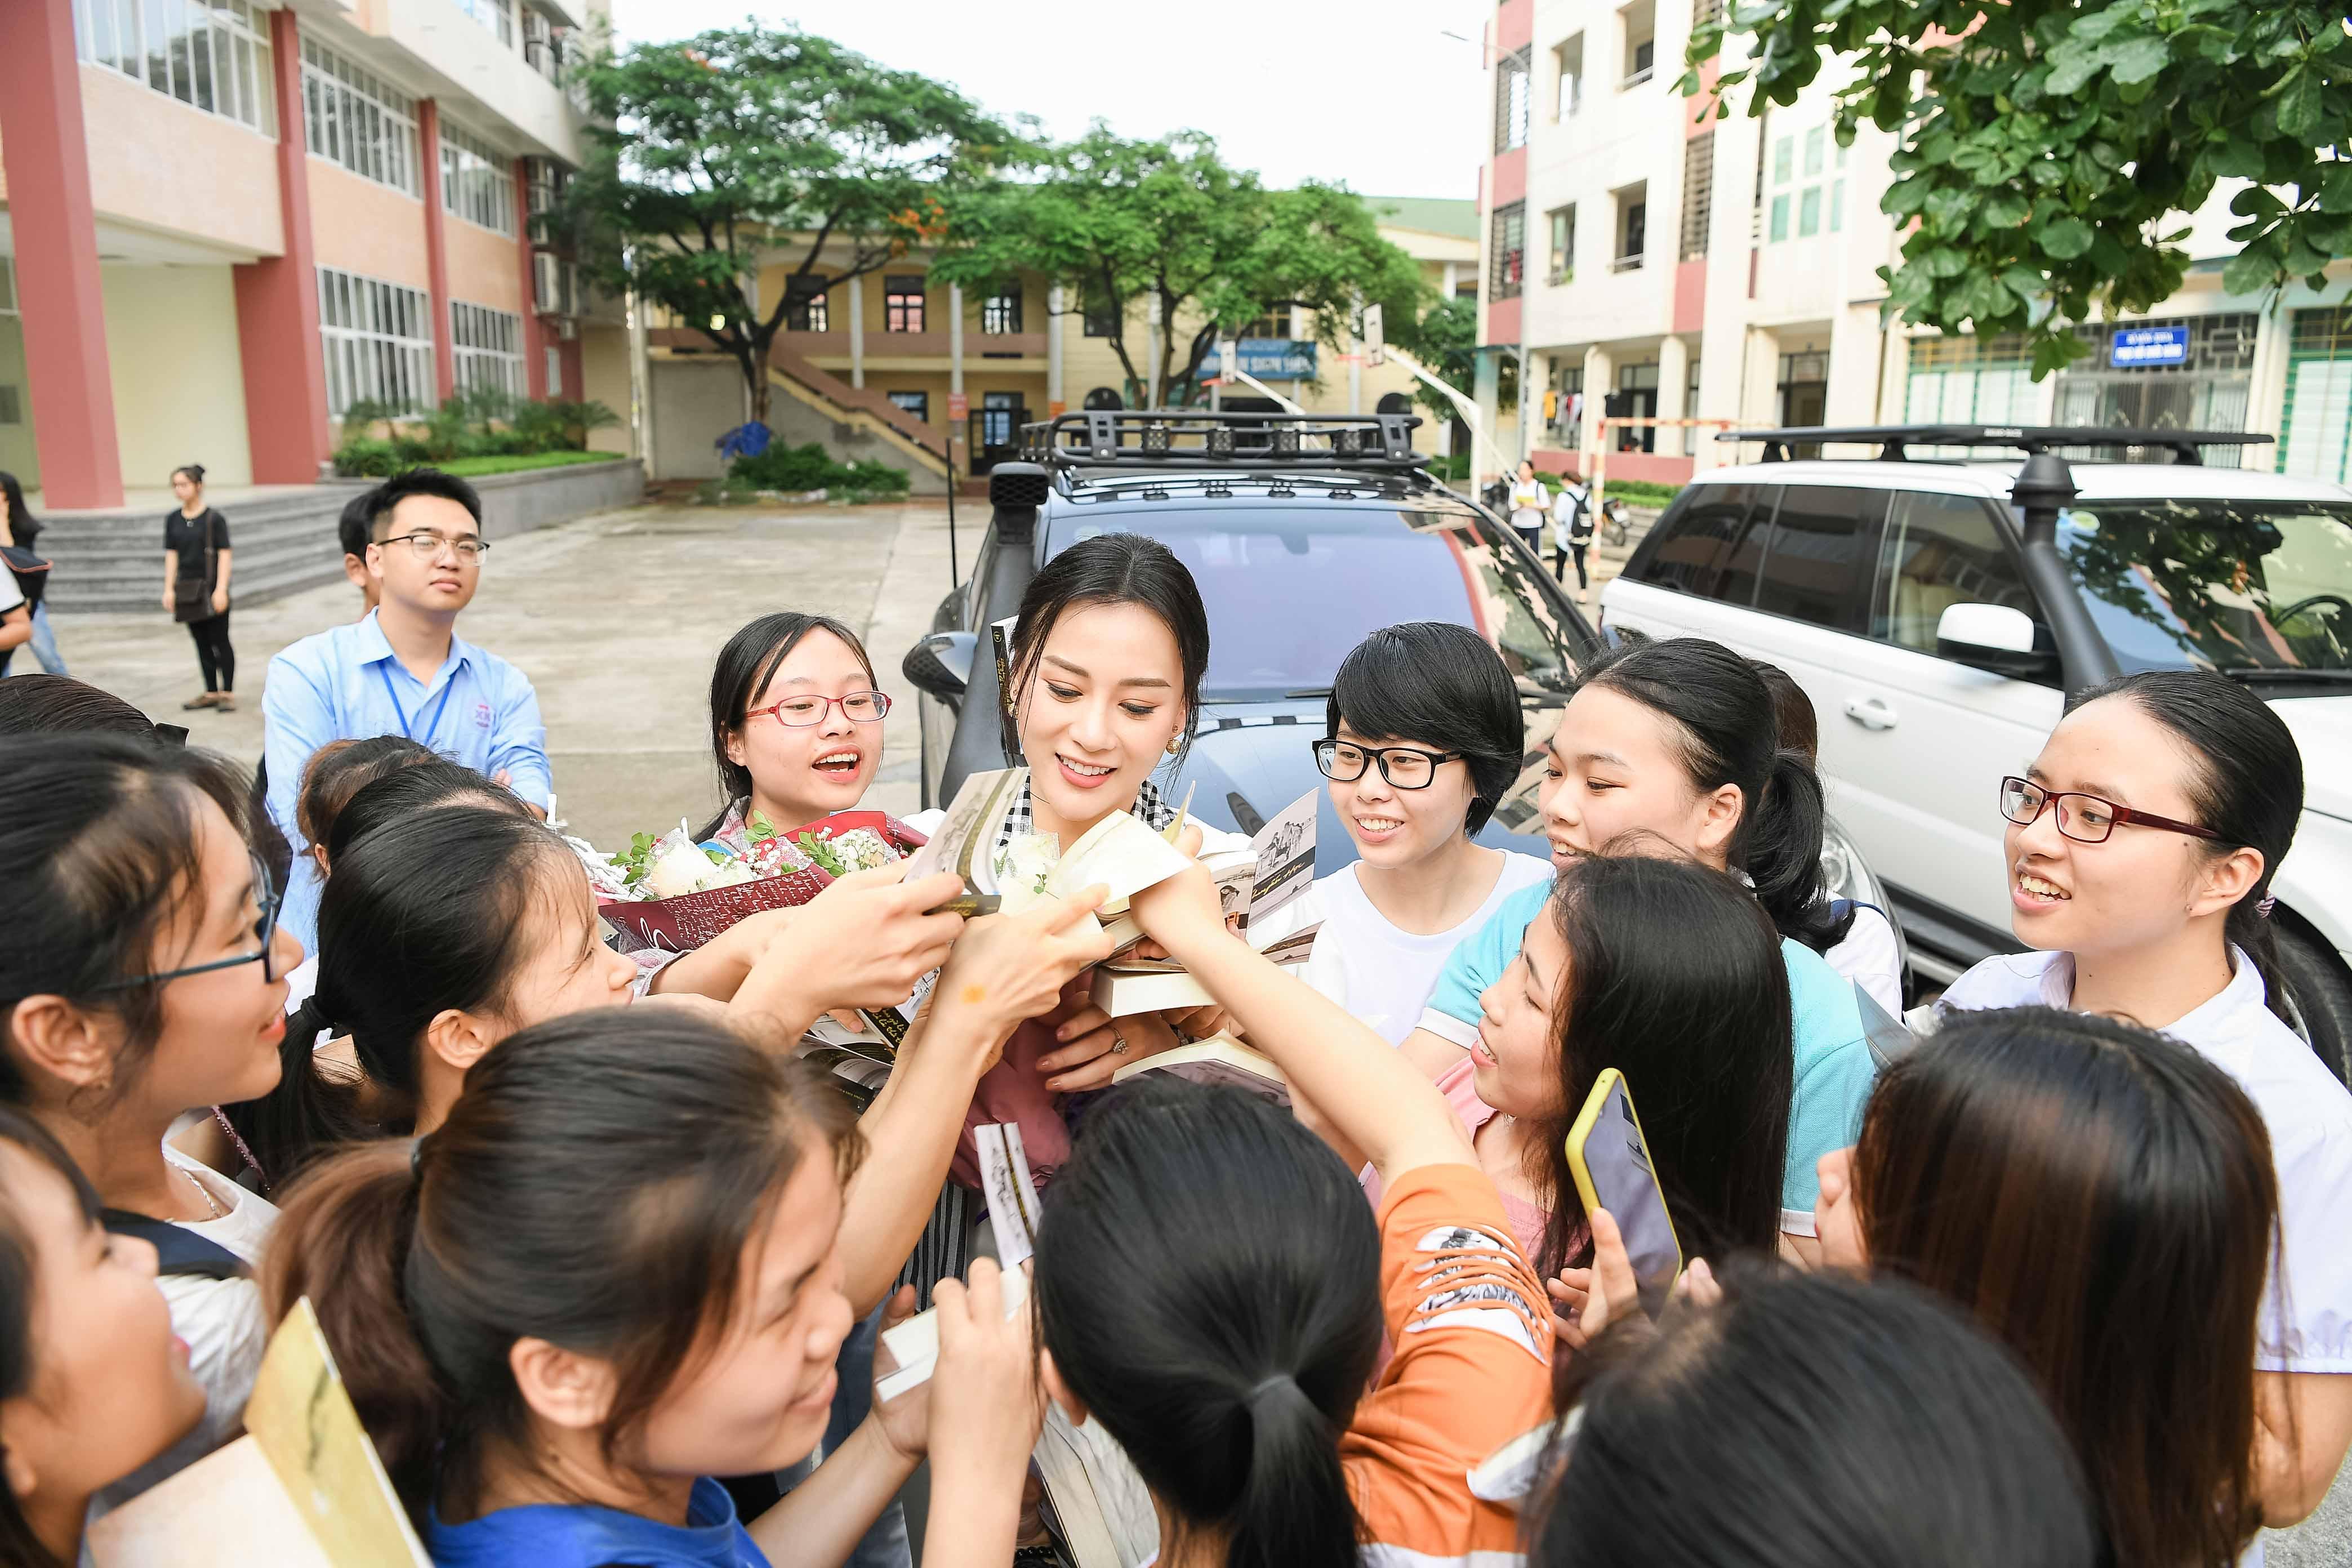 Xế sang của vua cafe Đặng Lê Nguyên Vũ đưa 'Quỳnh búp bê' đi sự kiện 3